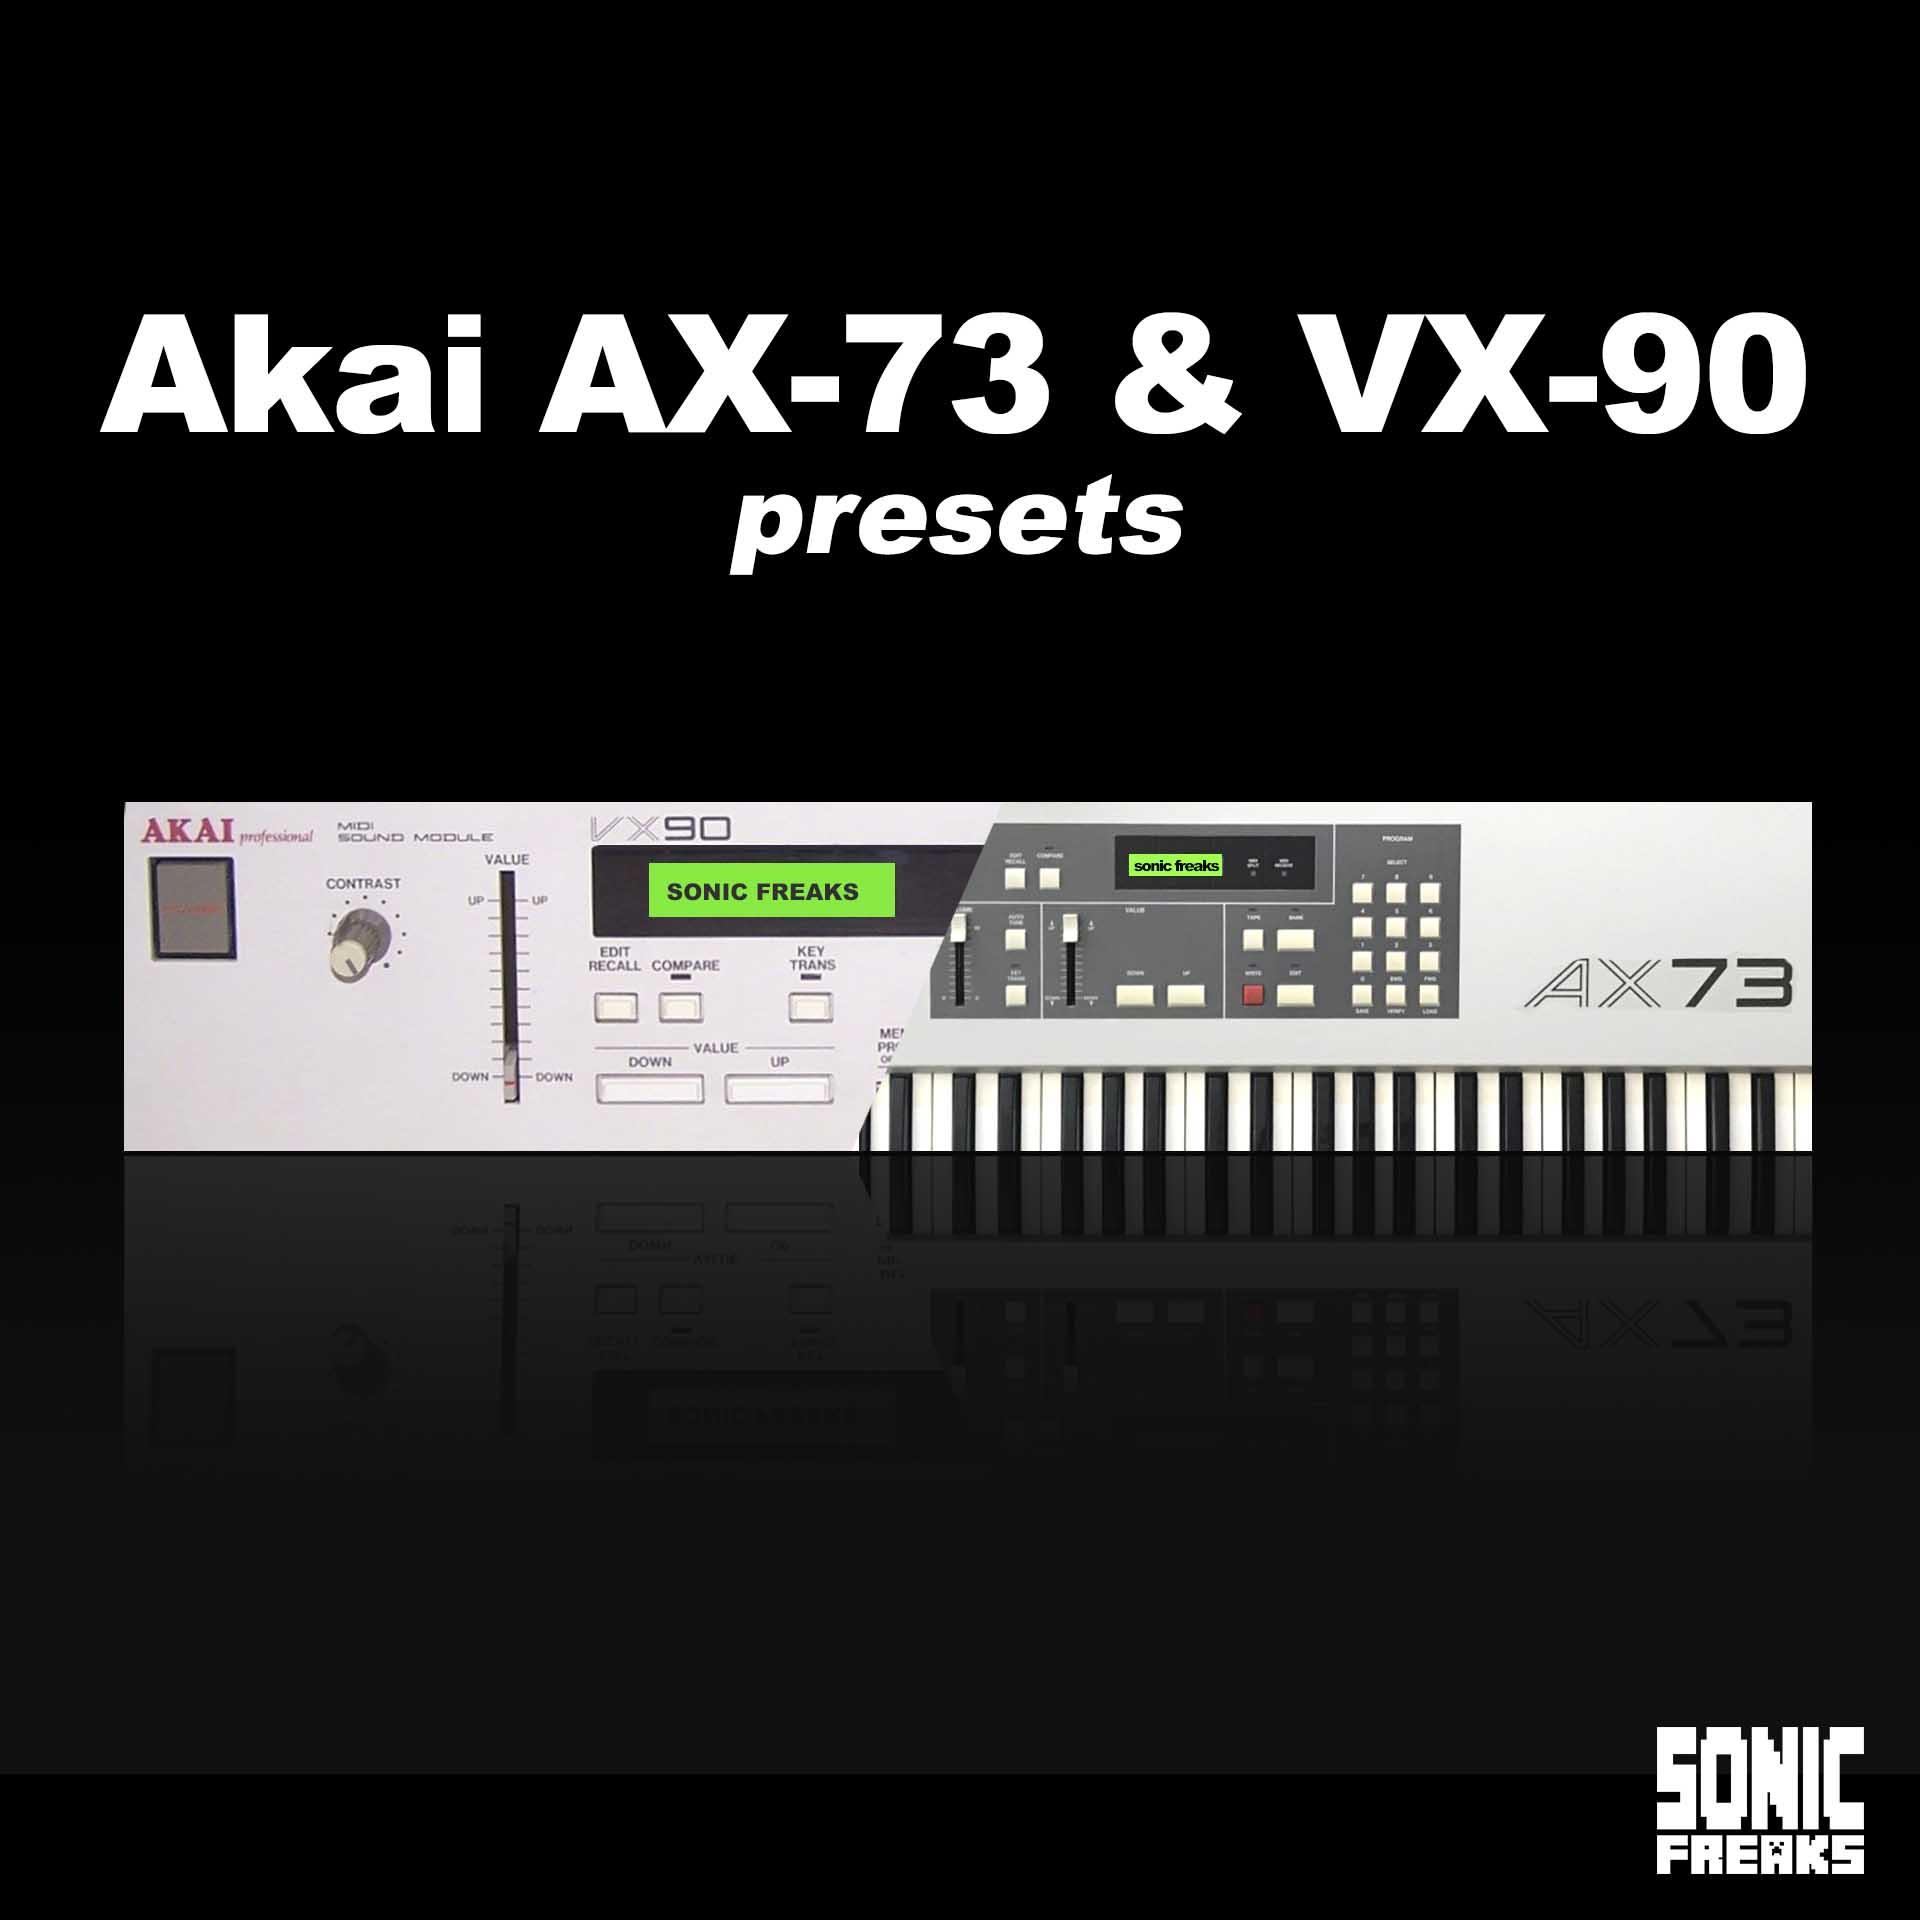 Akai AX-73 & VX-90 patches